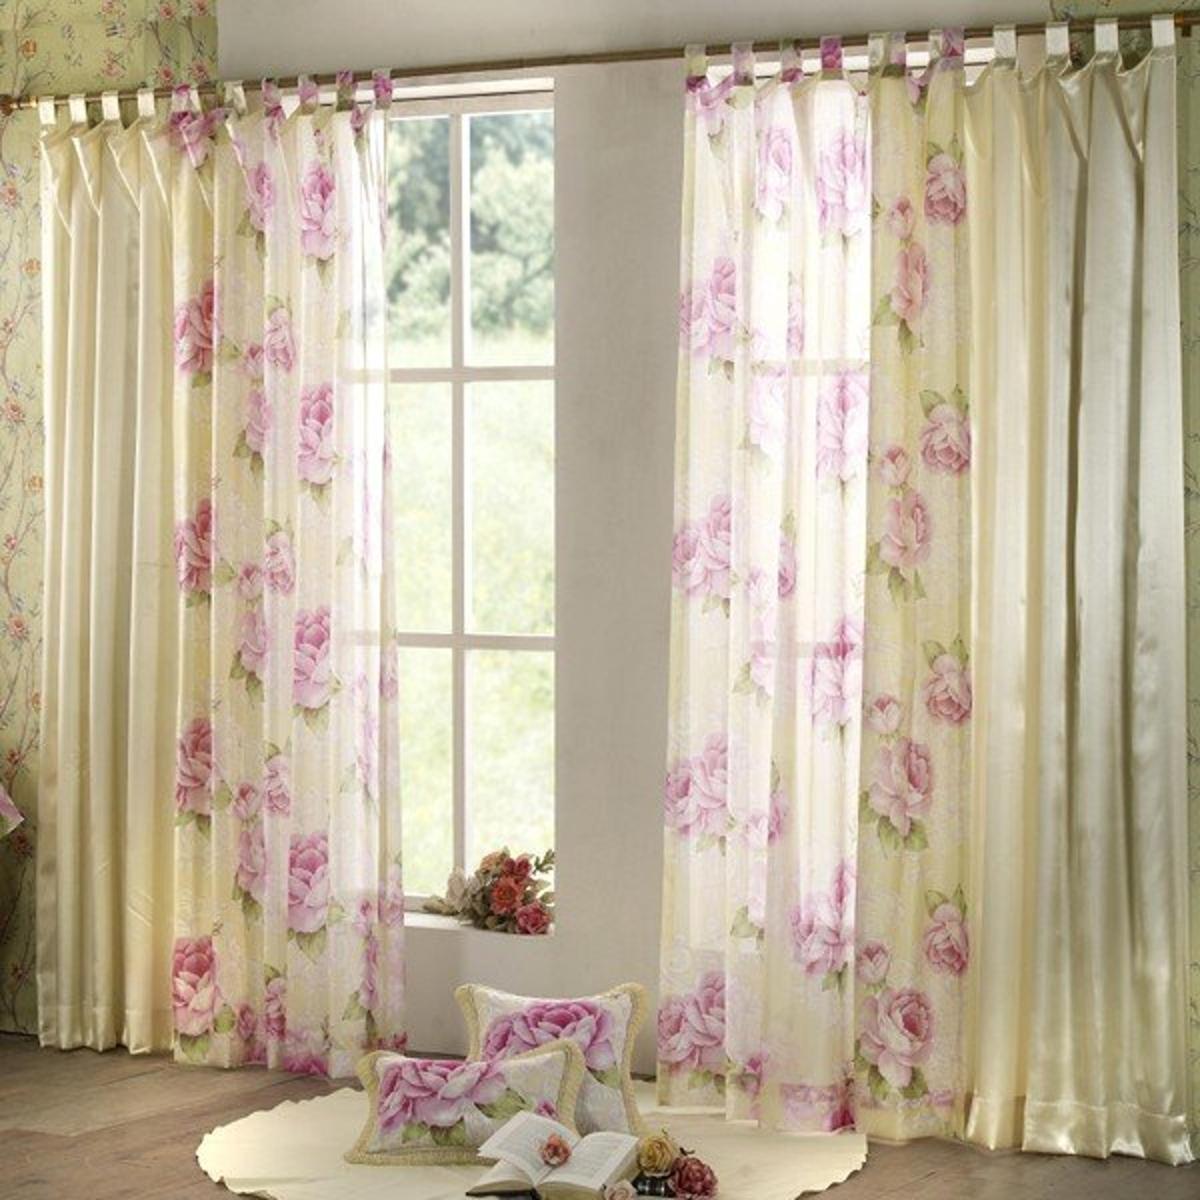 5 mẫu rèm đẹp cho phòng ngủ